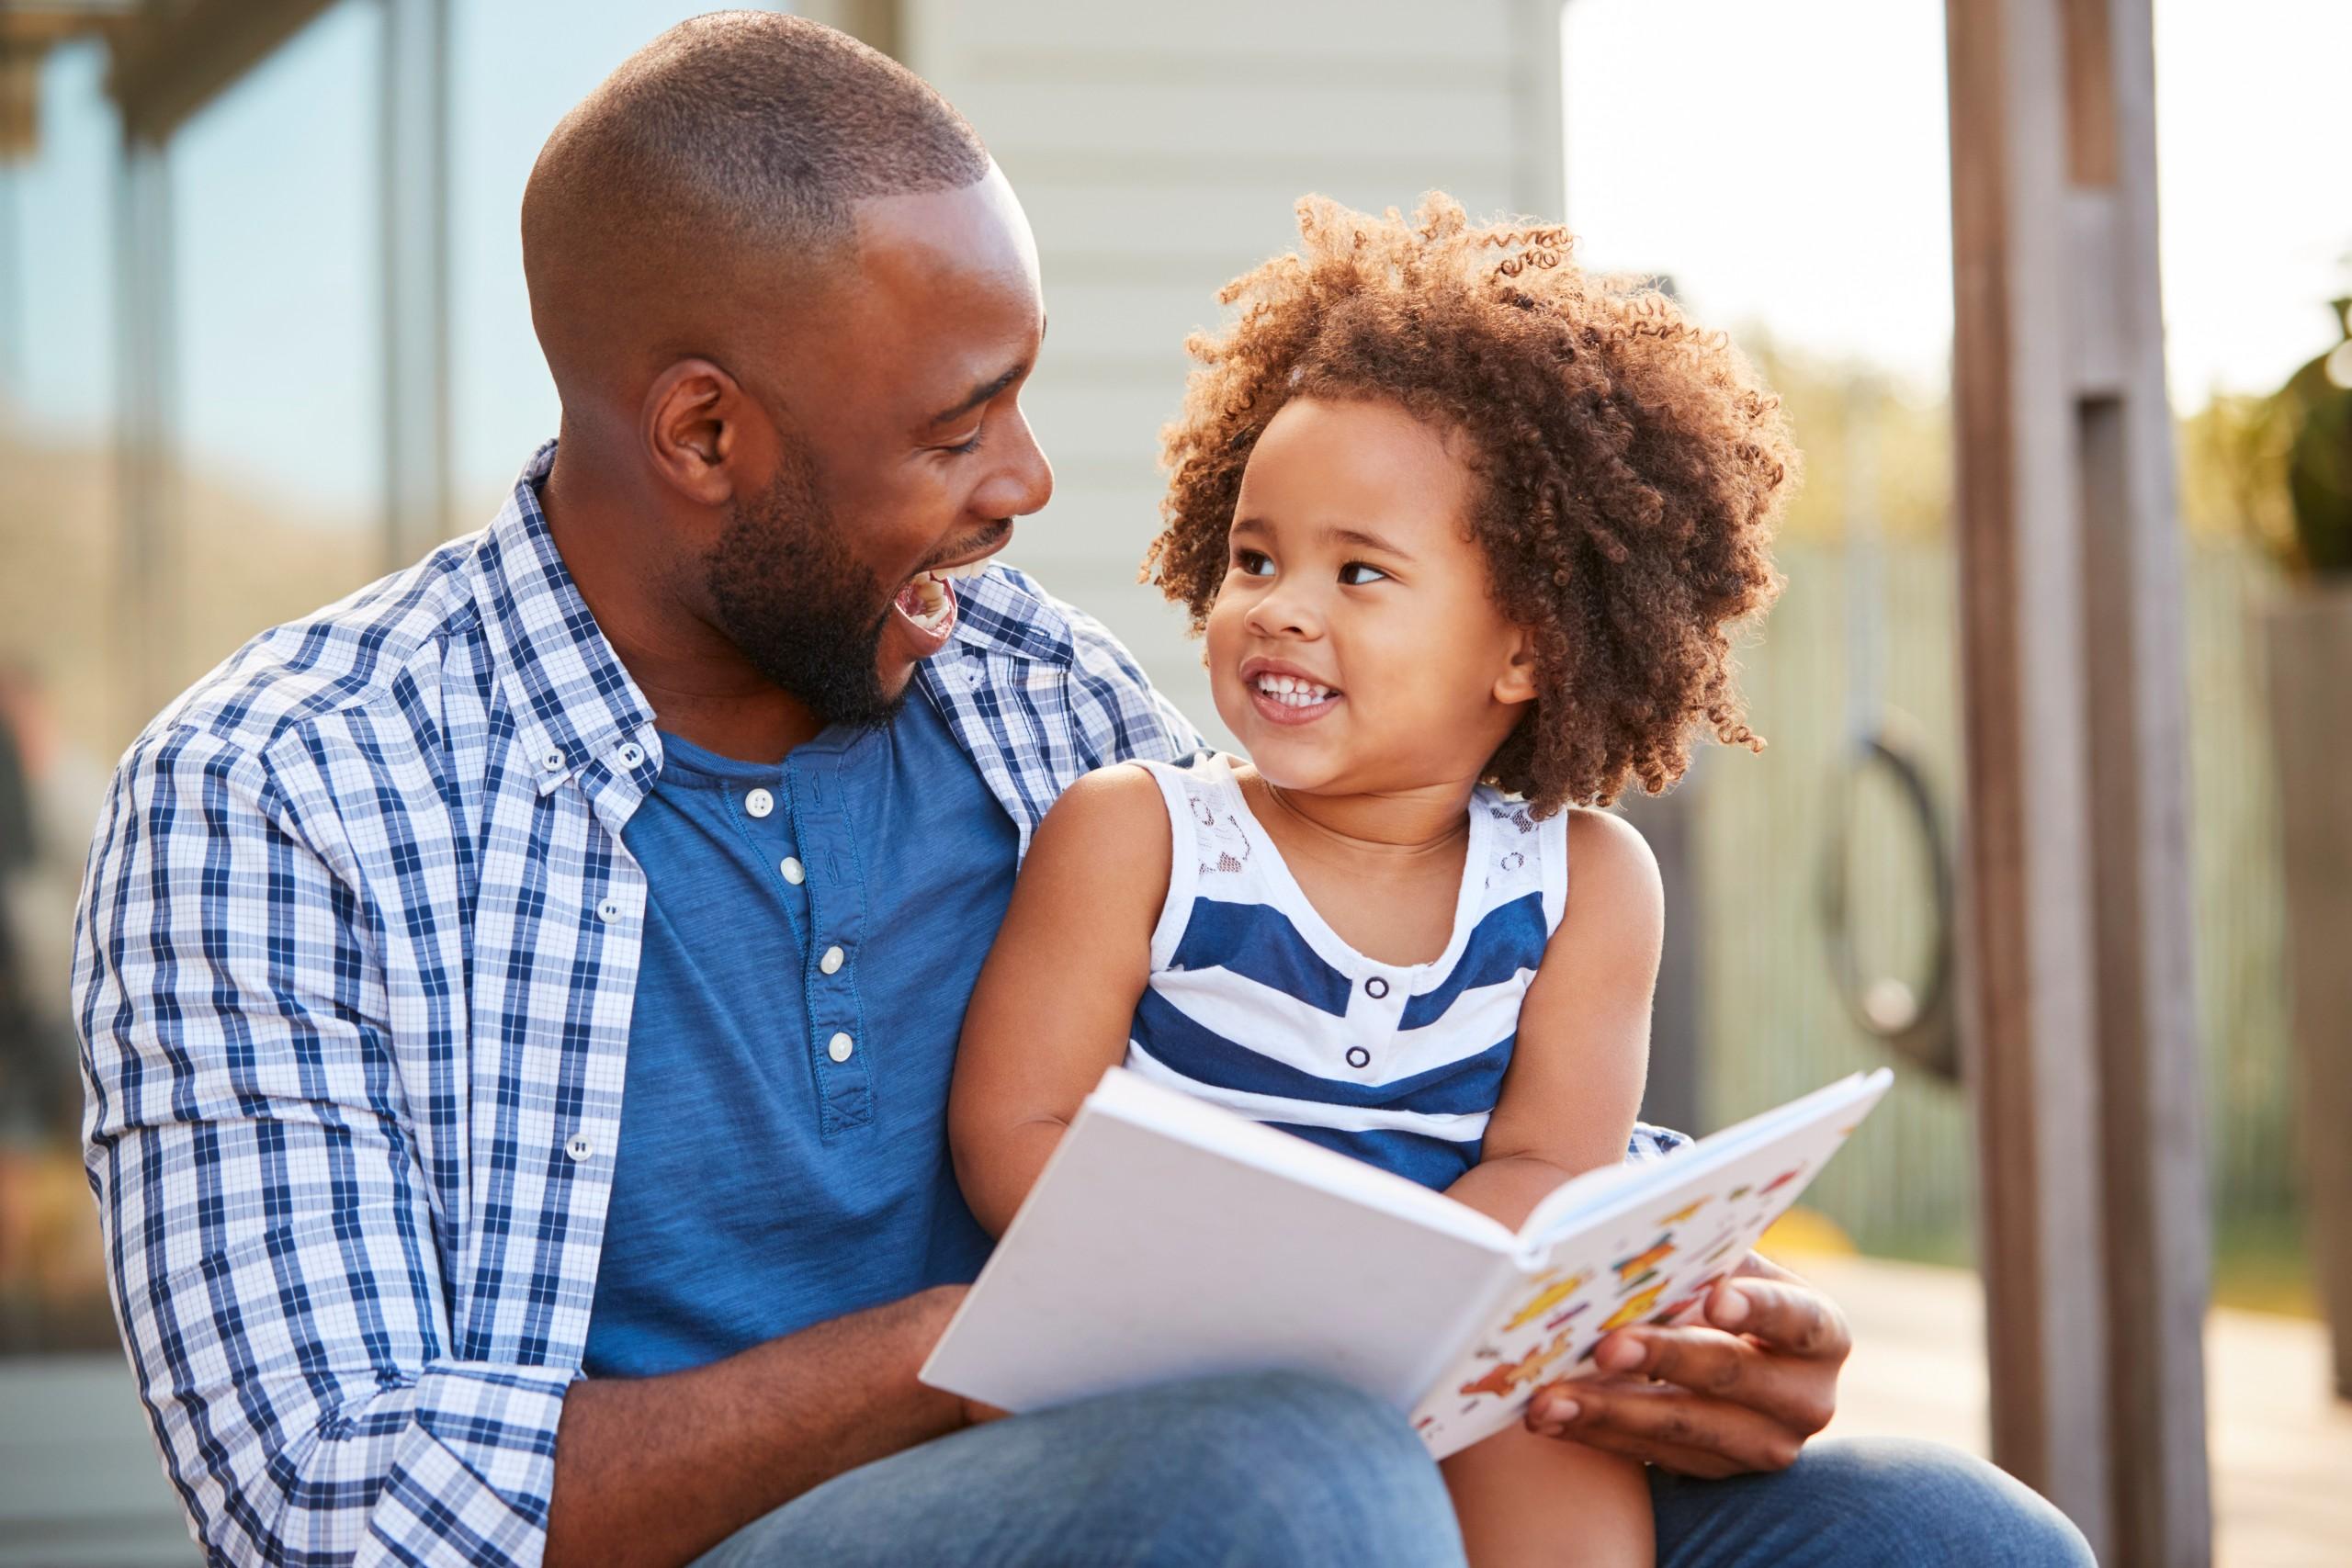 Cinq conseils simples pour aider votre enfant à acquérir des compétences en lecture